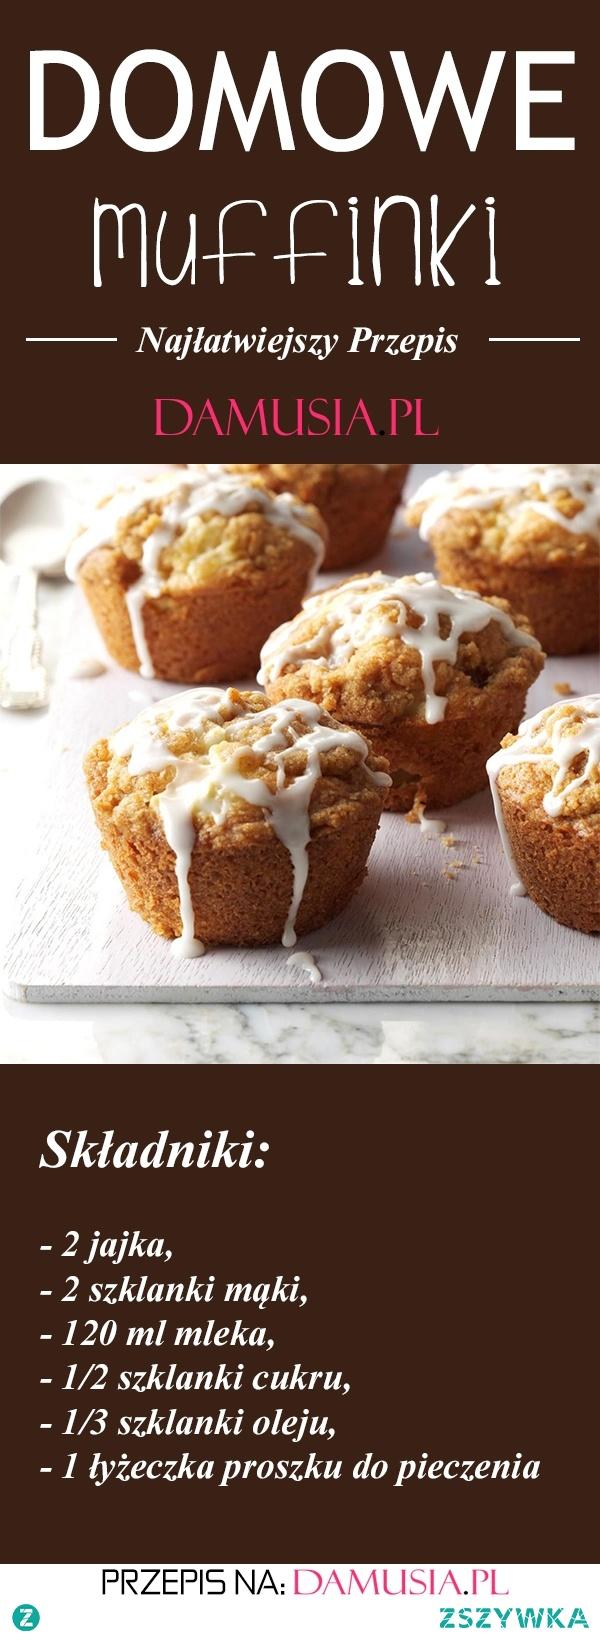 Najlepszy Przepis na Domowe Muffinki